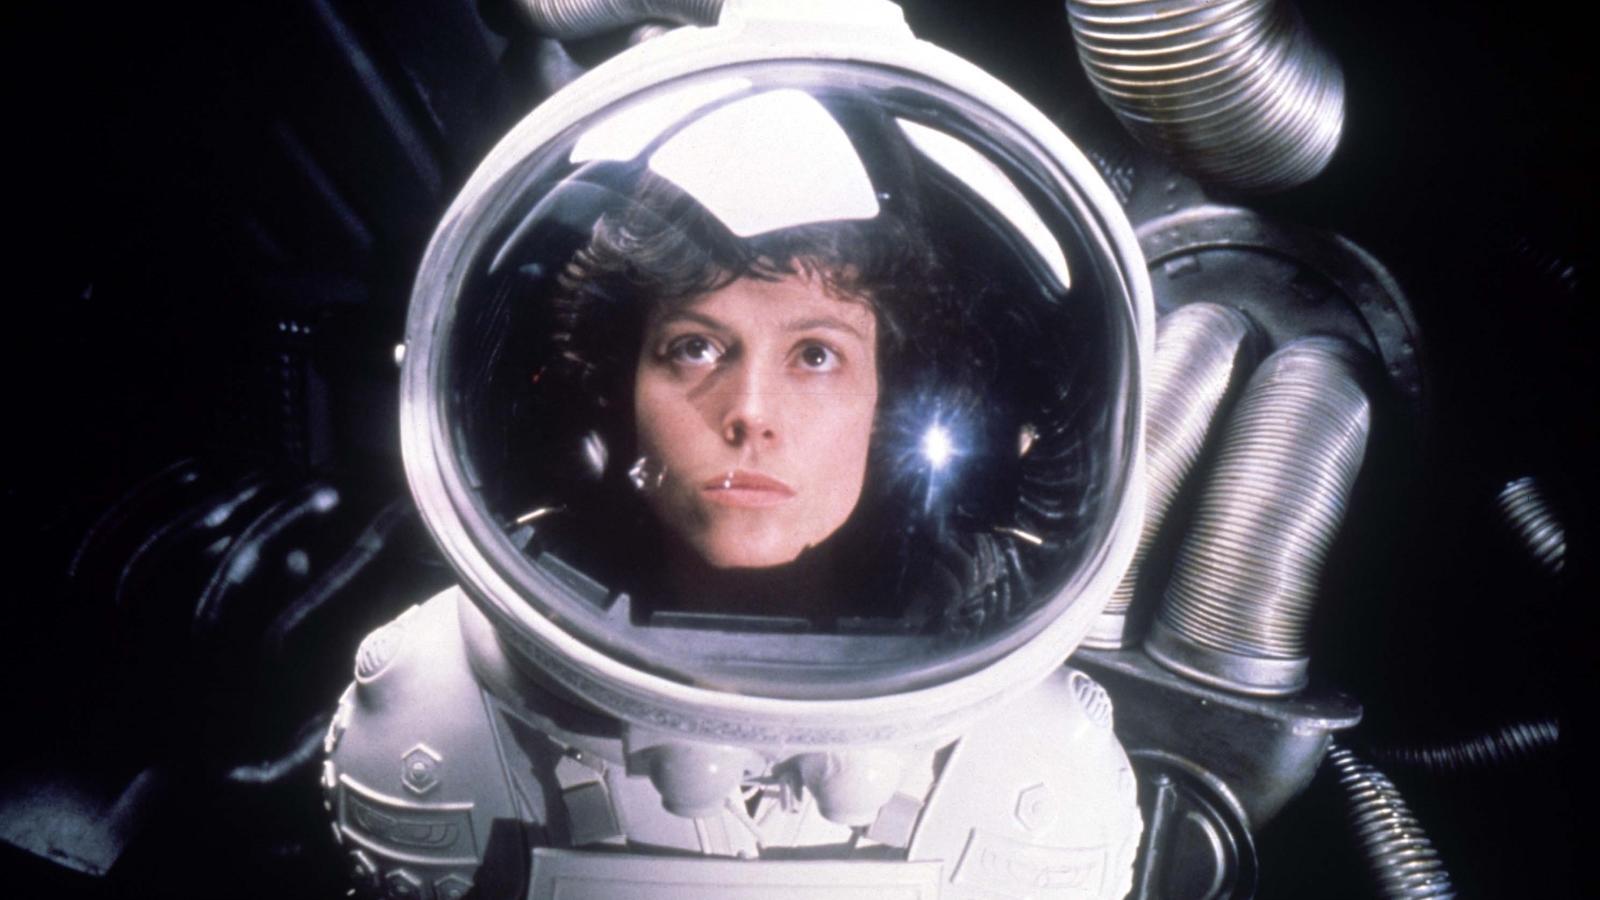 Ellen Ripley a Nostromo egyetlen túlélője, miután az űrhajó teljes legénységével végez egy titokzatos földönkívüli létforma. A megannyi folytatásfilmben feltűnő, Sigourney Weaver megformálta karakter a sci-fi történelem egyik legismertebb hősnője, igazi pionír, aki utat mutatott a következő generációknak. (Snap Stills/Shutterstock)